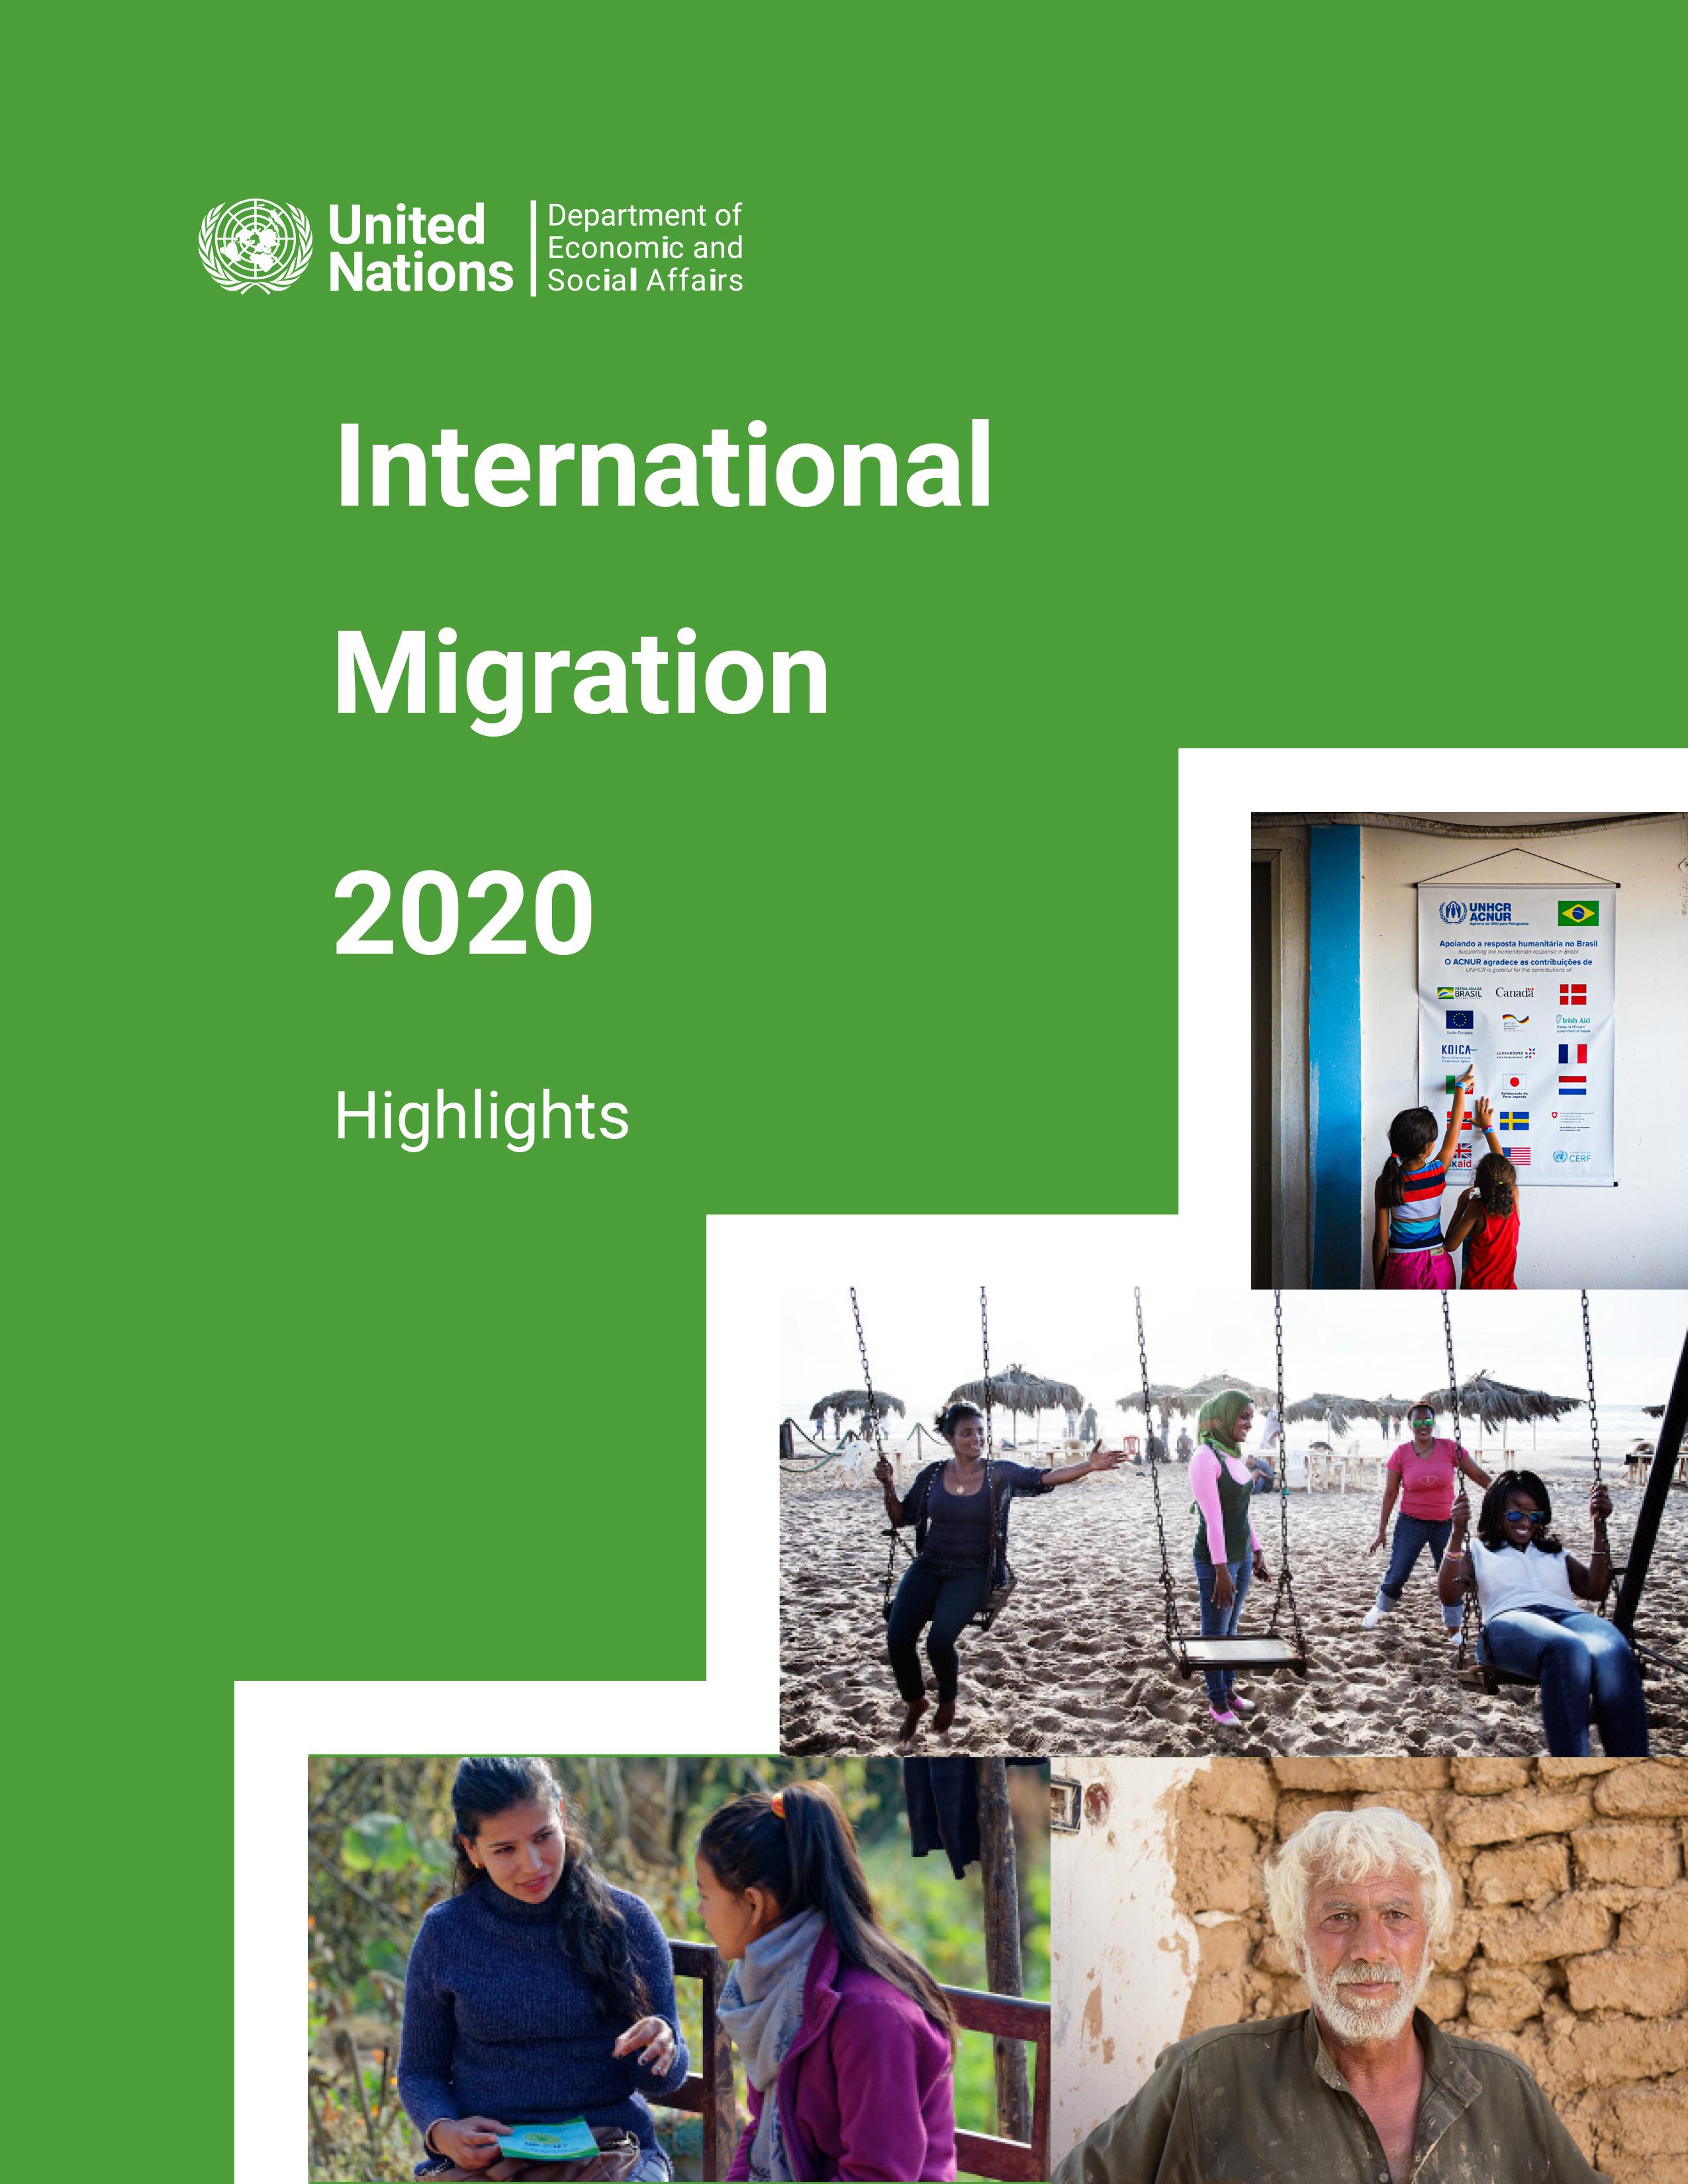 Aspectos Destacados de la Migración Internacional 2020